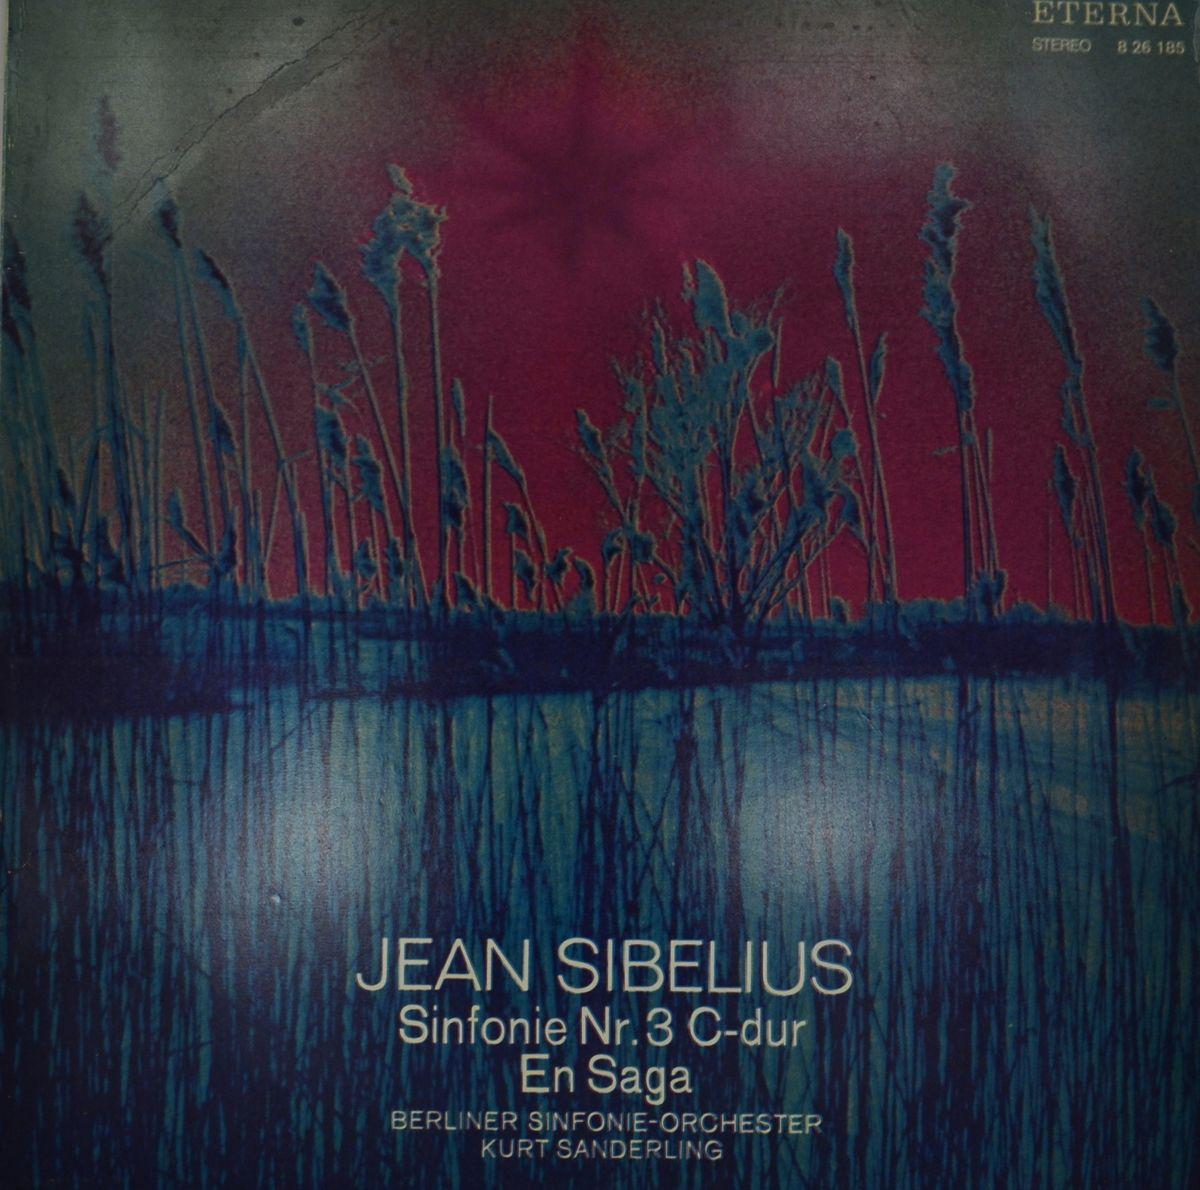 Jean Sibelius, Berliner Sinfonie-Orchester, Kurt Sanderling – Sinfonie Nr. 3 C-dur / En Saga (LP) karl bohm mozart sinfonie concertanti